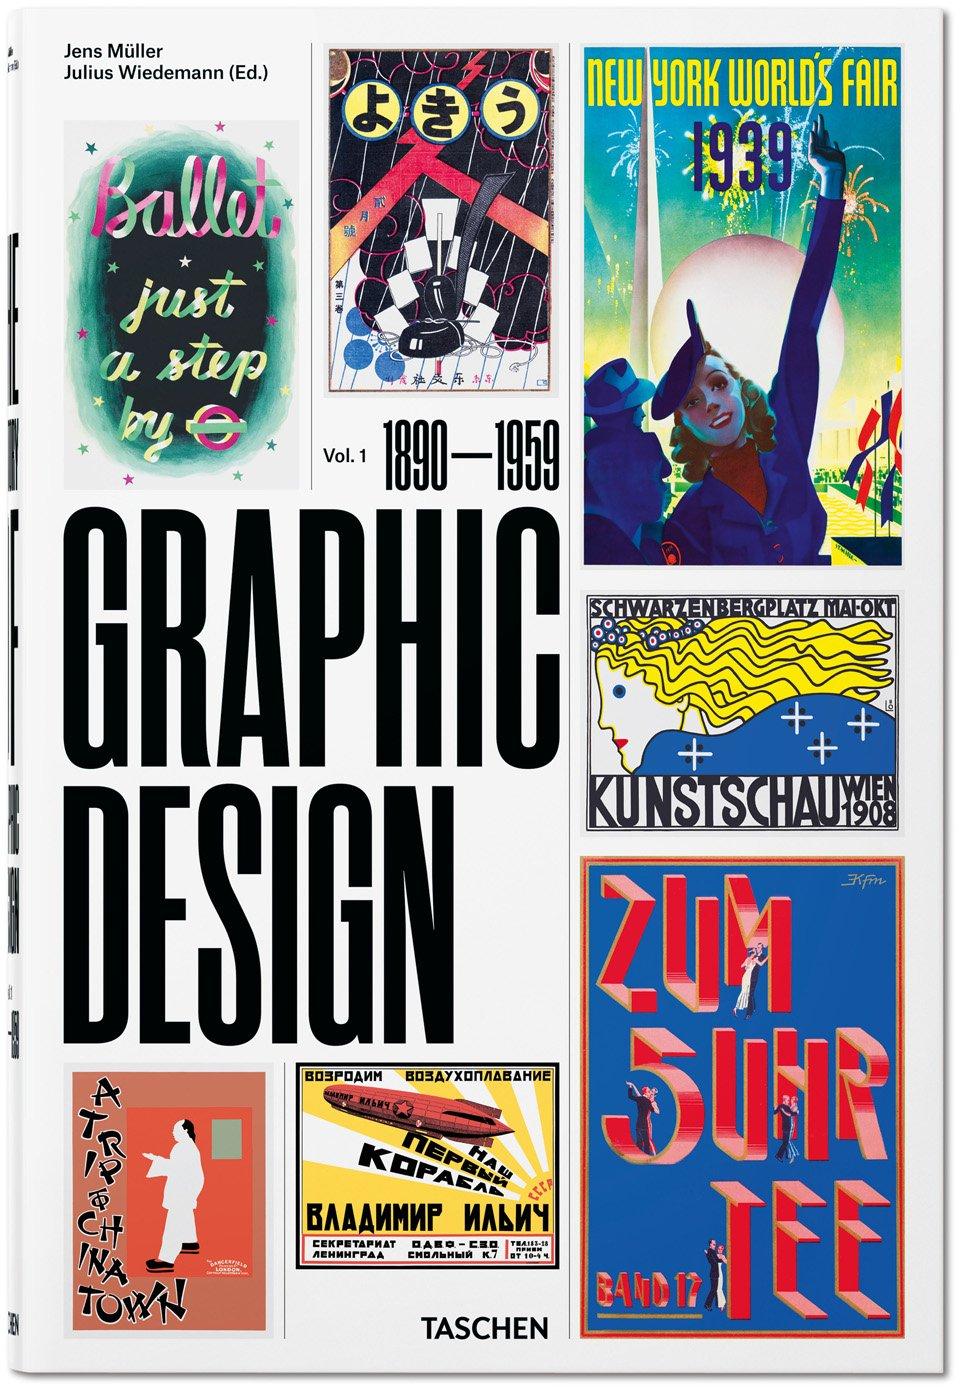 Geschichte des Grafikdesigns. Band 1, 1890–1959 | Jens Müller, Julius Wiedemann | Hardcover, 24,6 x 37,2 cm, 480 Seiten